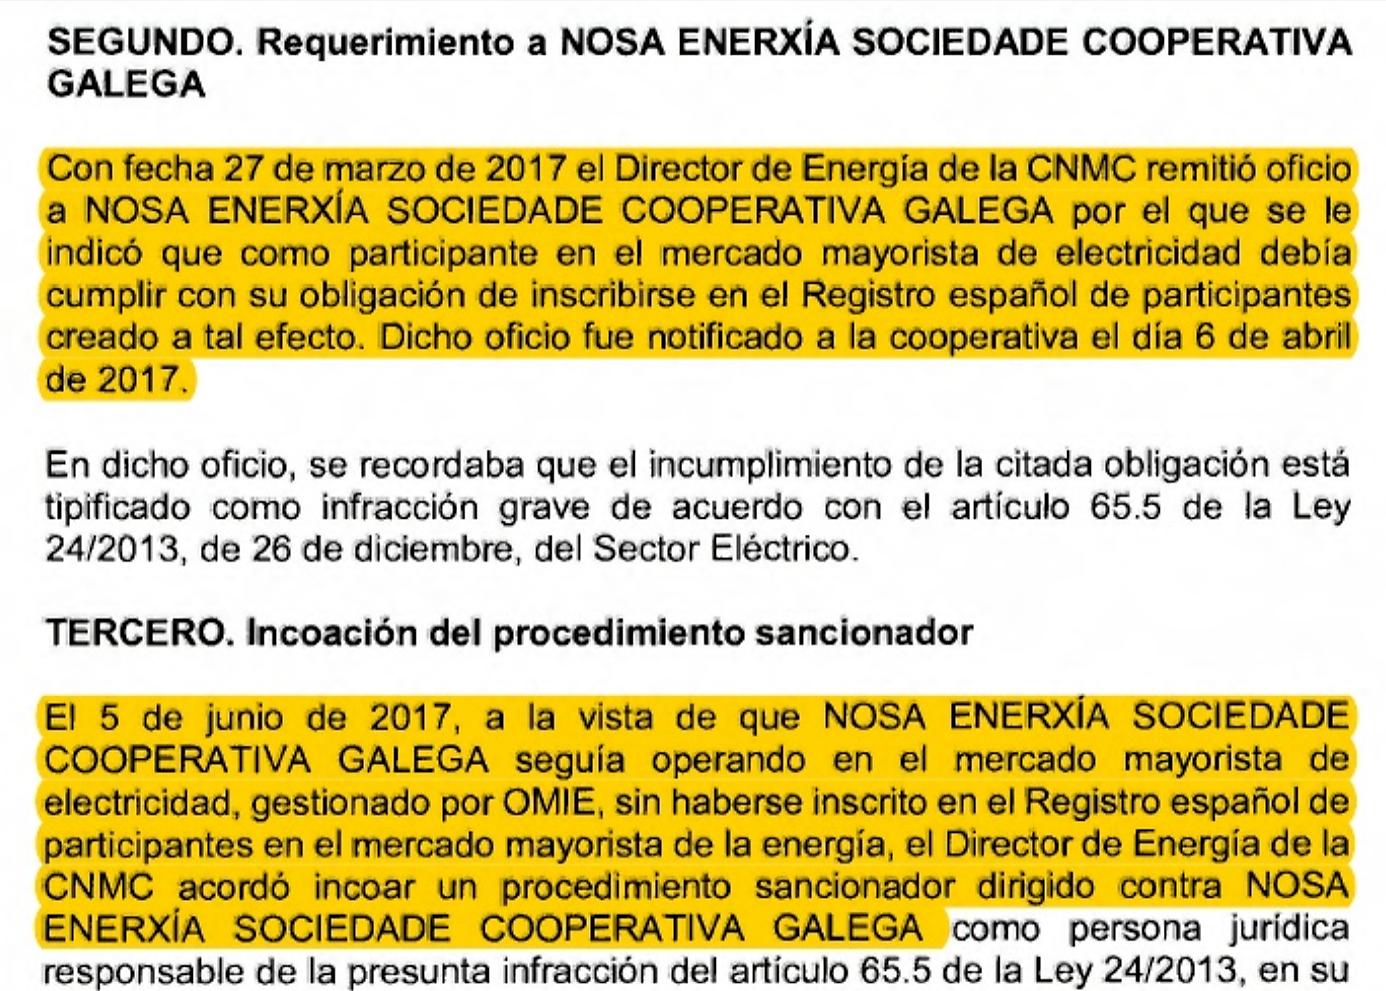 Comunicación da incoación do procedemento sancionador pola CNMC